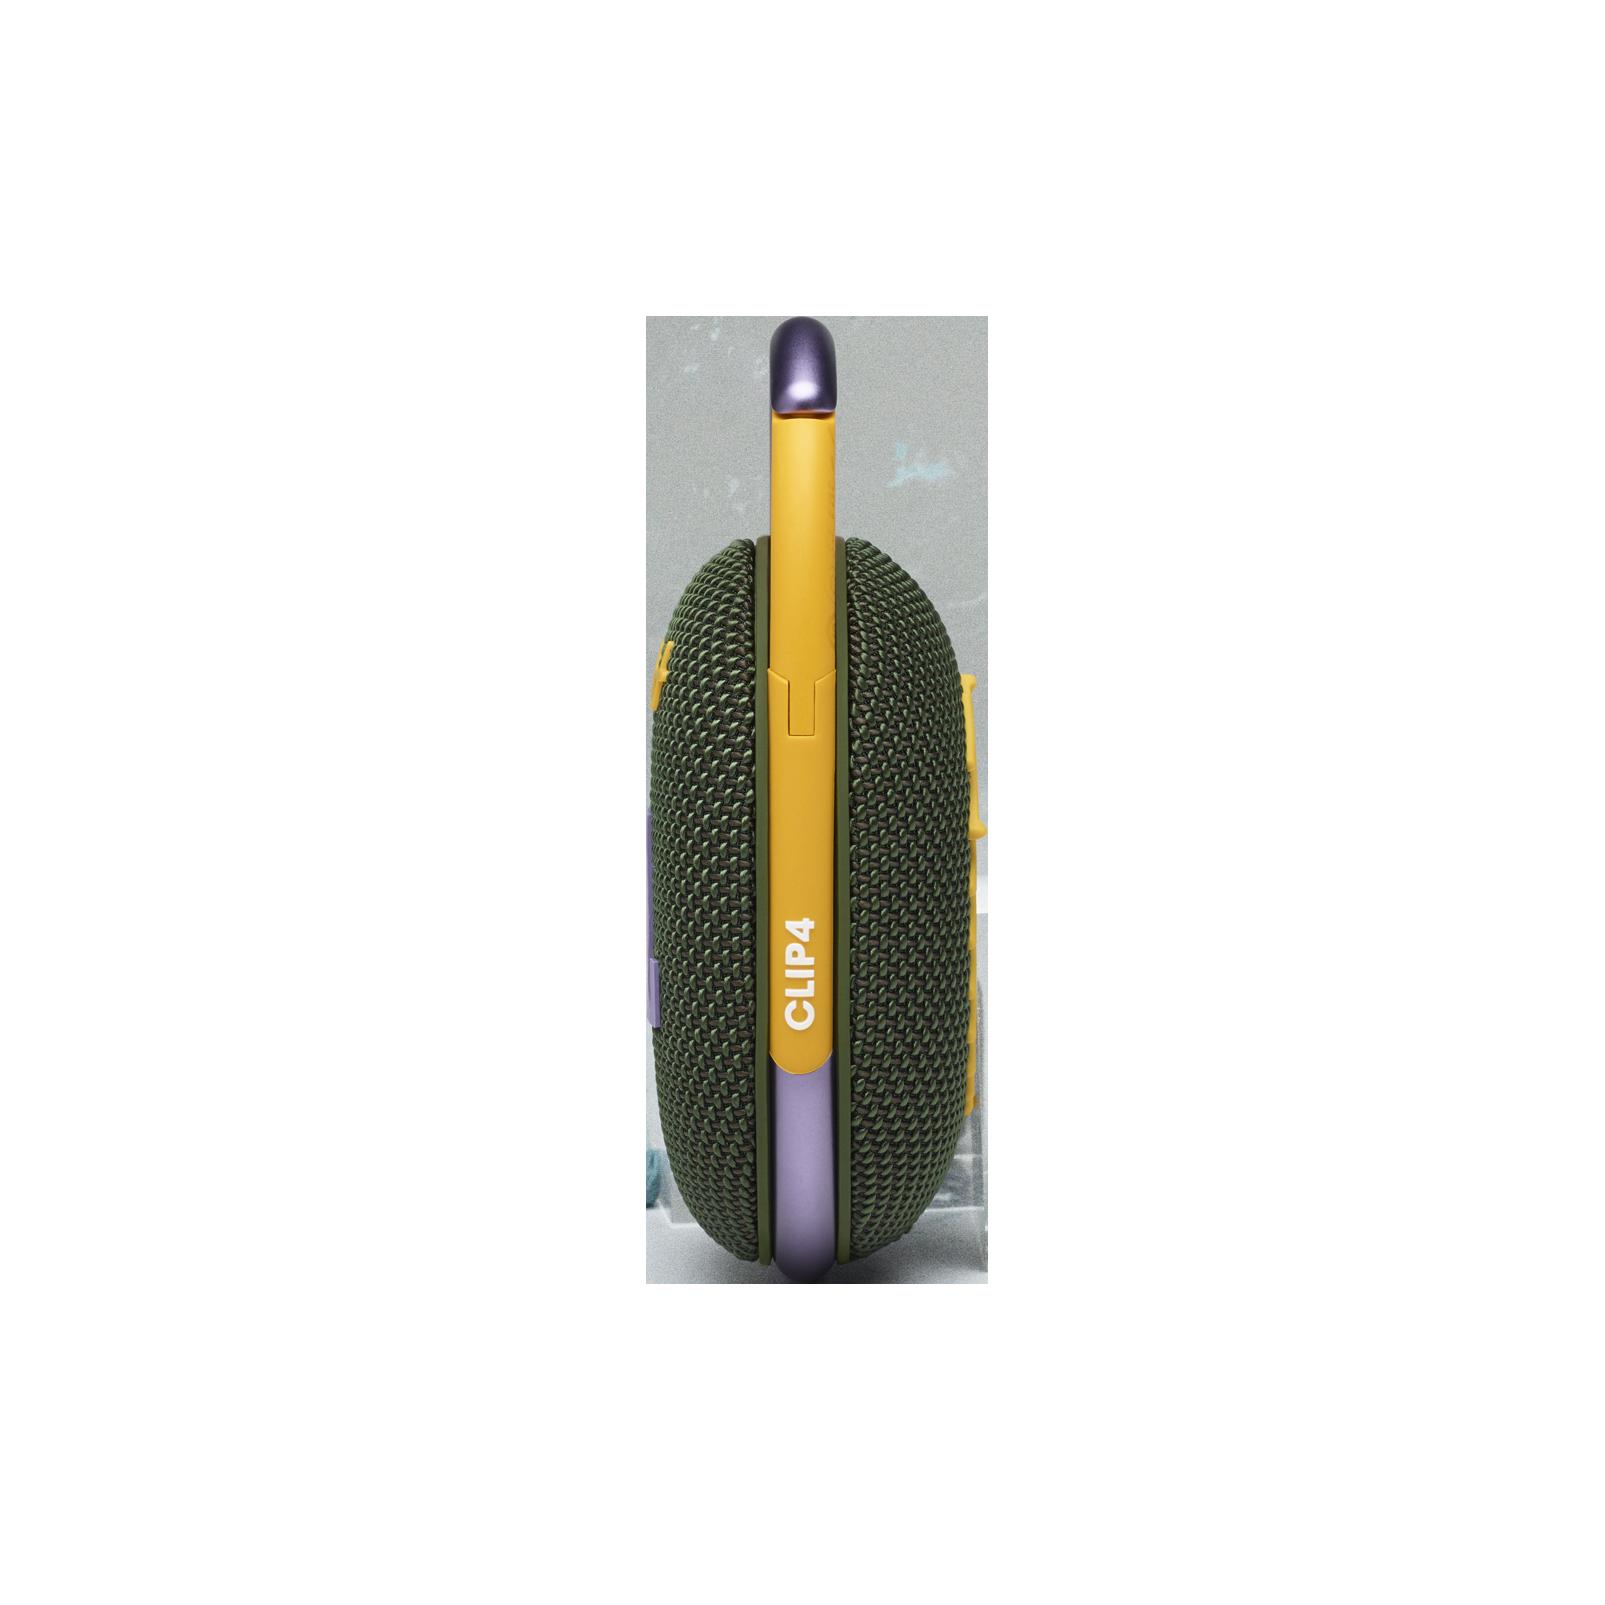 JBL CLIP 4 - Green - Ultra-portable Waterproof Speaker - Right